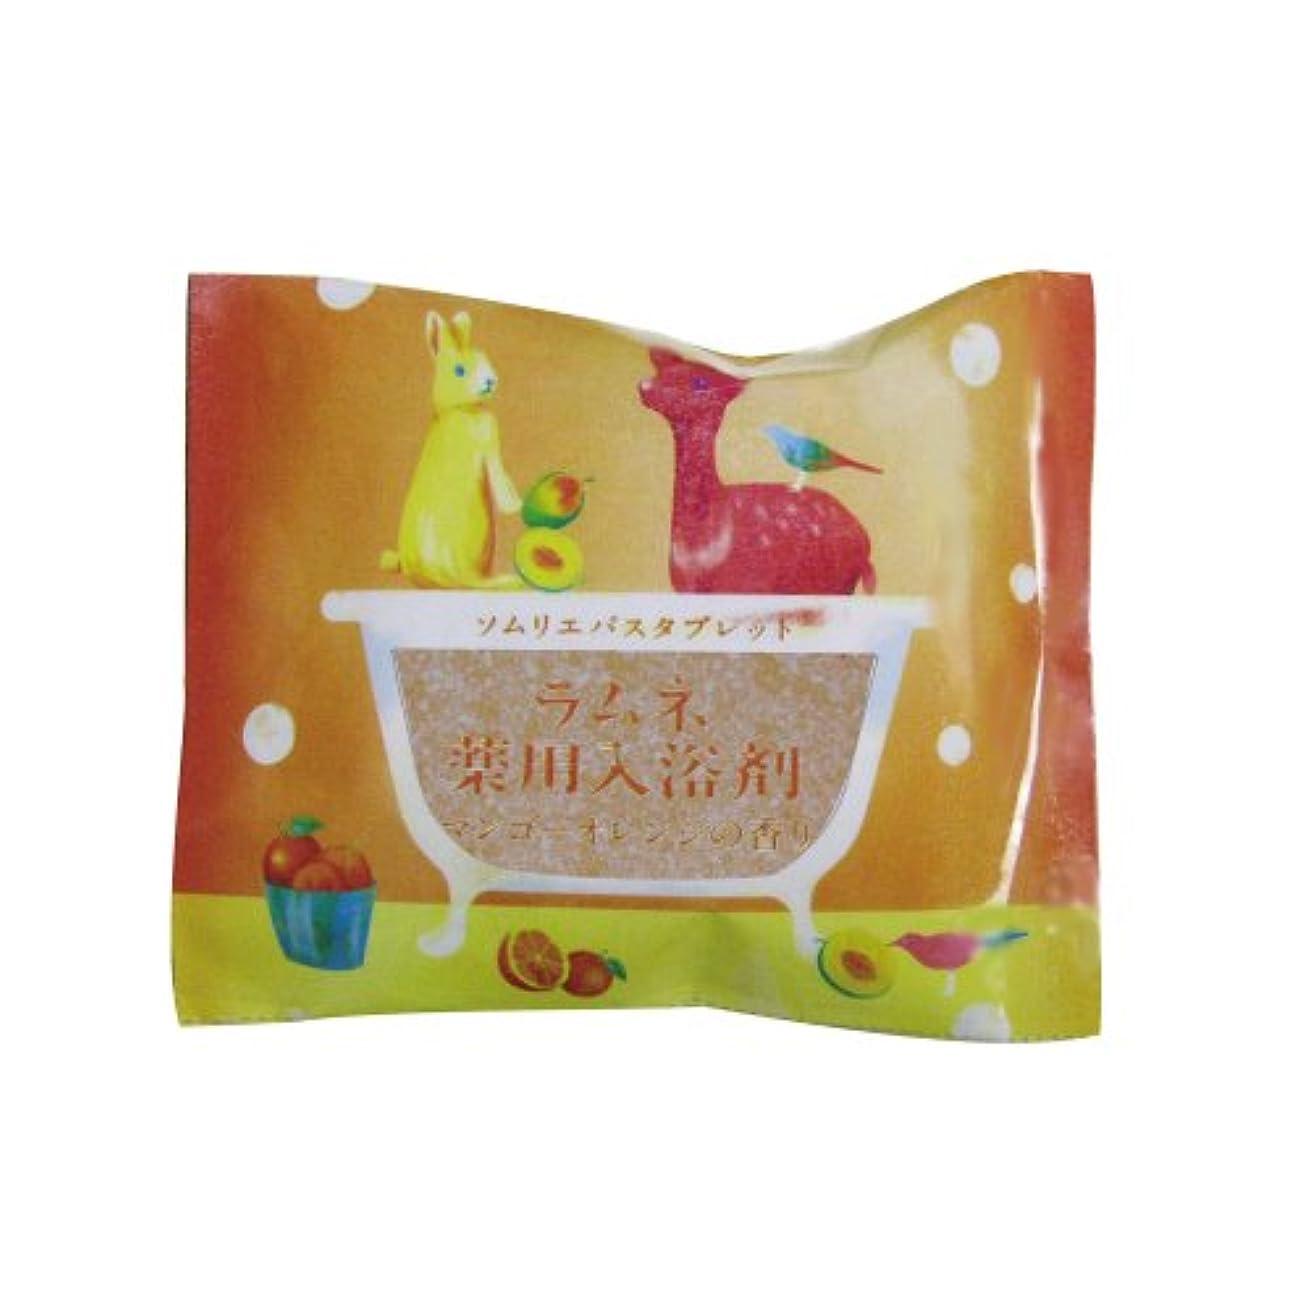 自発的劇場タンクソムリエバスタブレット ラムネ薬用入浴剤 マンゴーオレンジの香り 12個セット